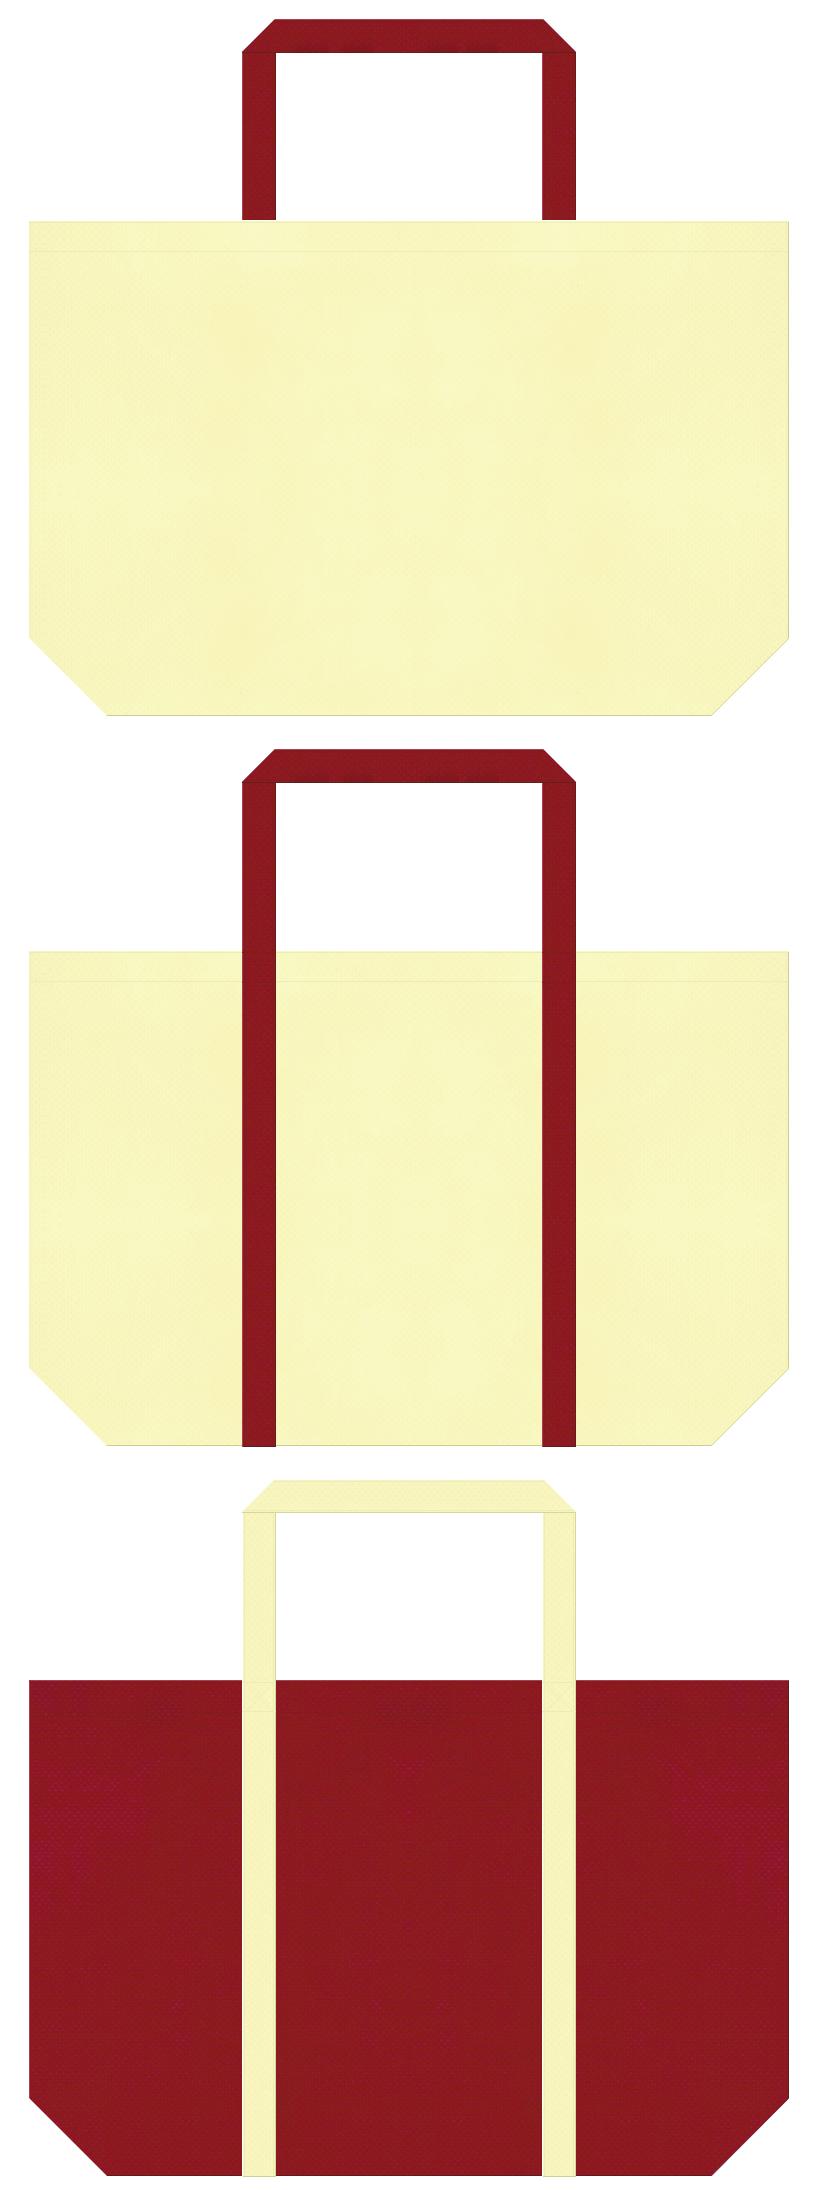 薄黄色とエンジ色の不織布マイバッグデザイン:和風柄にお奨めの配色です。